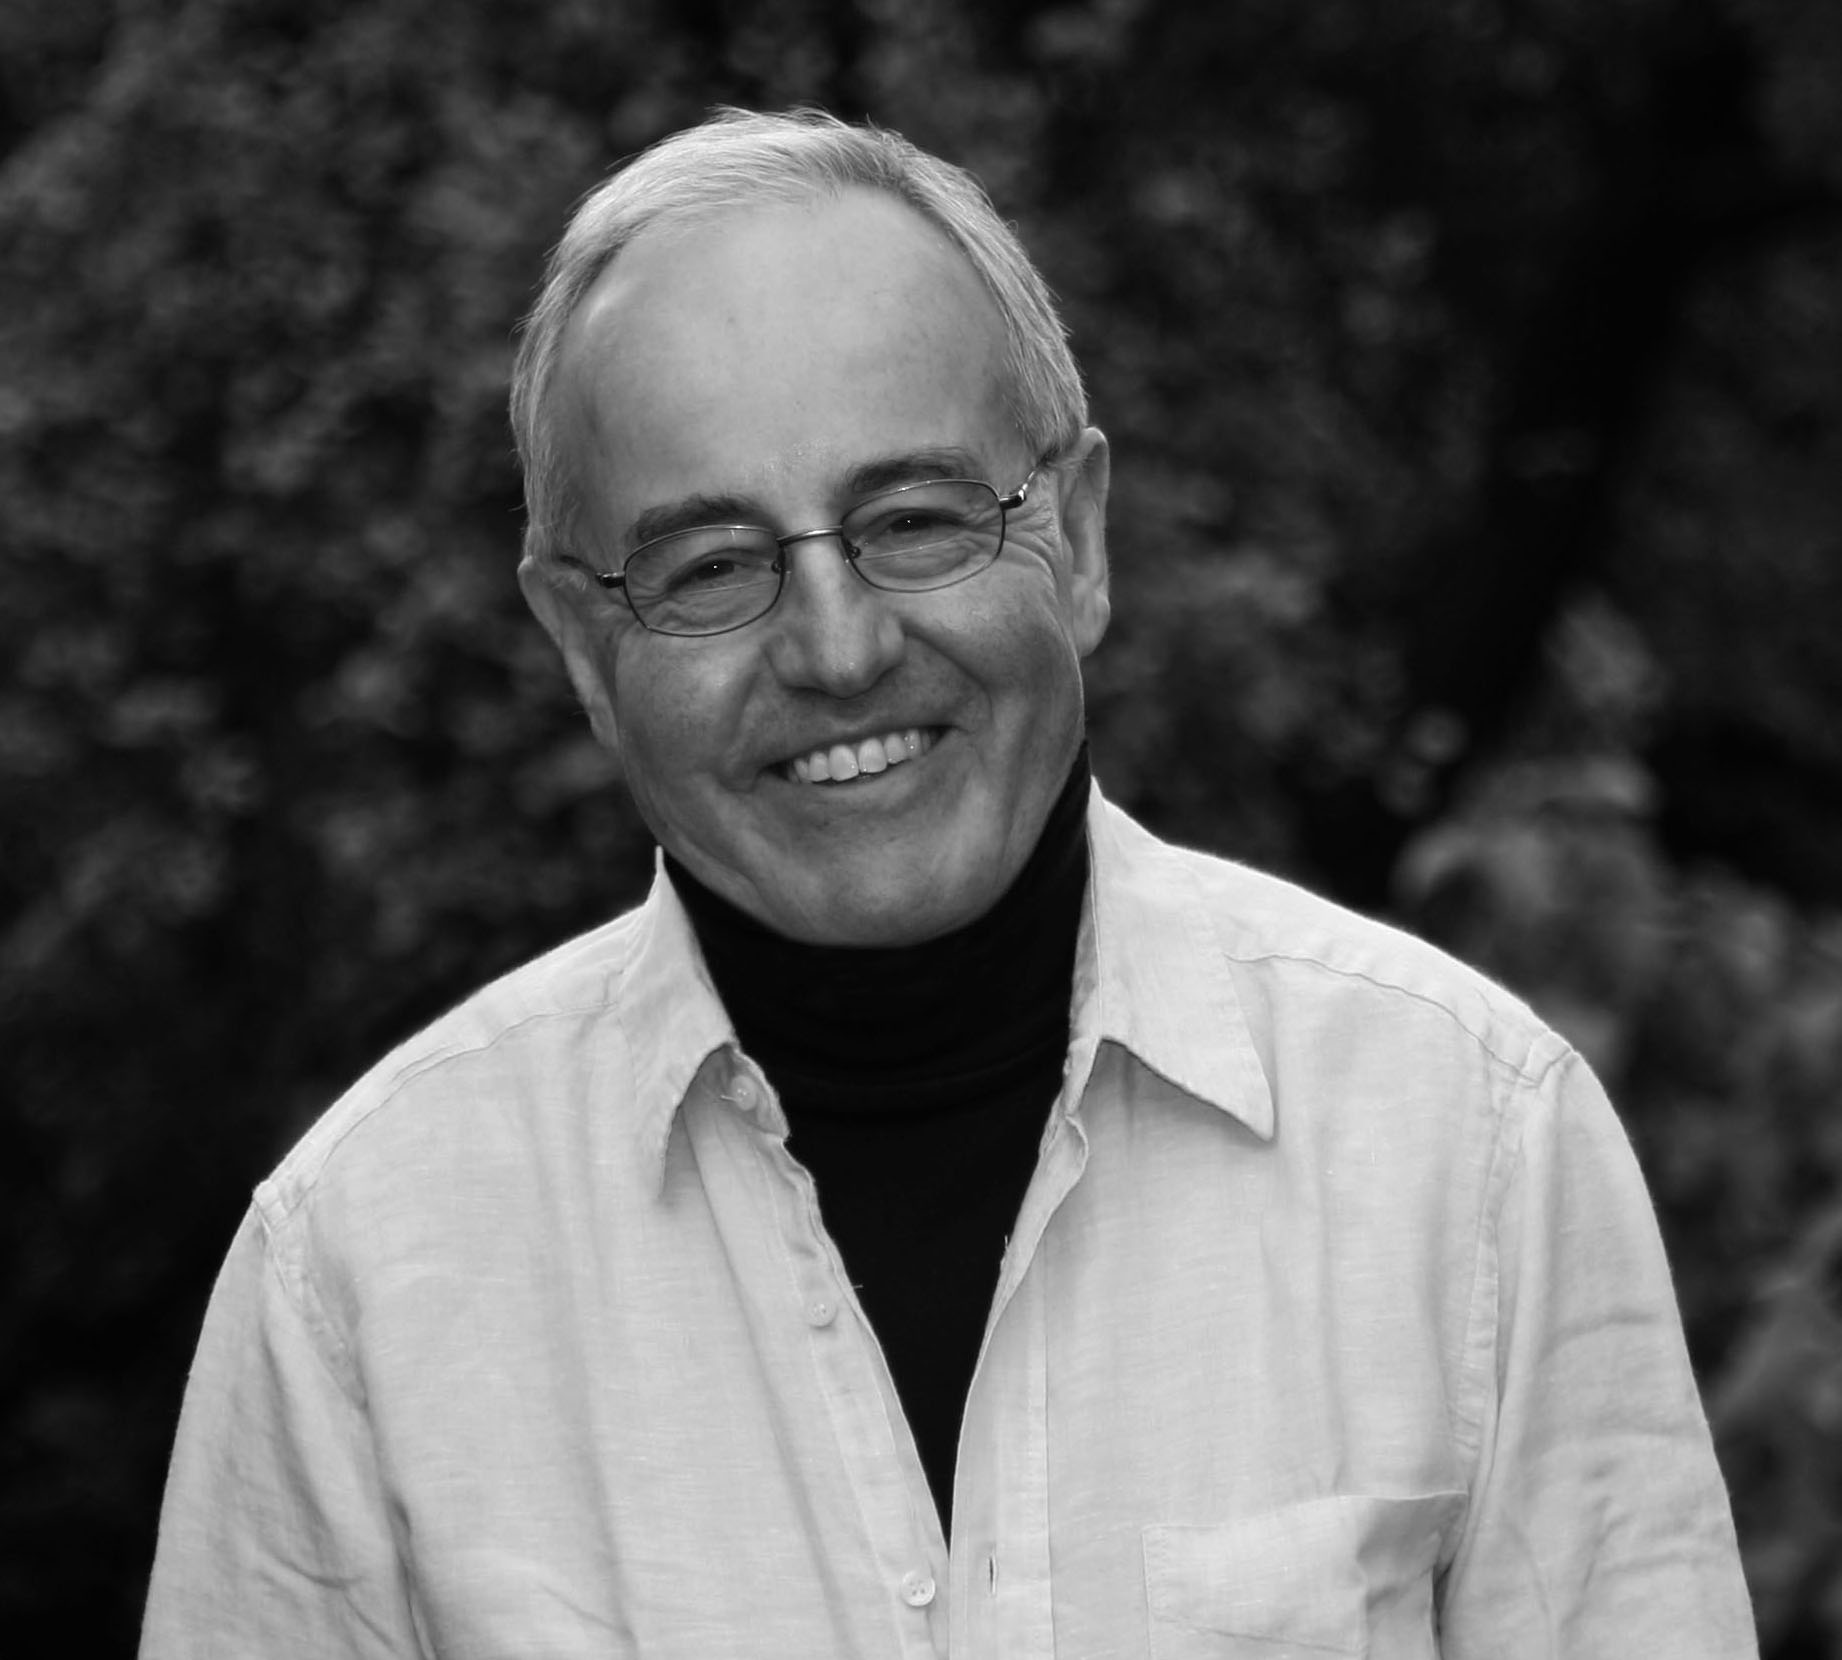 Michael Tobert